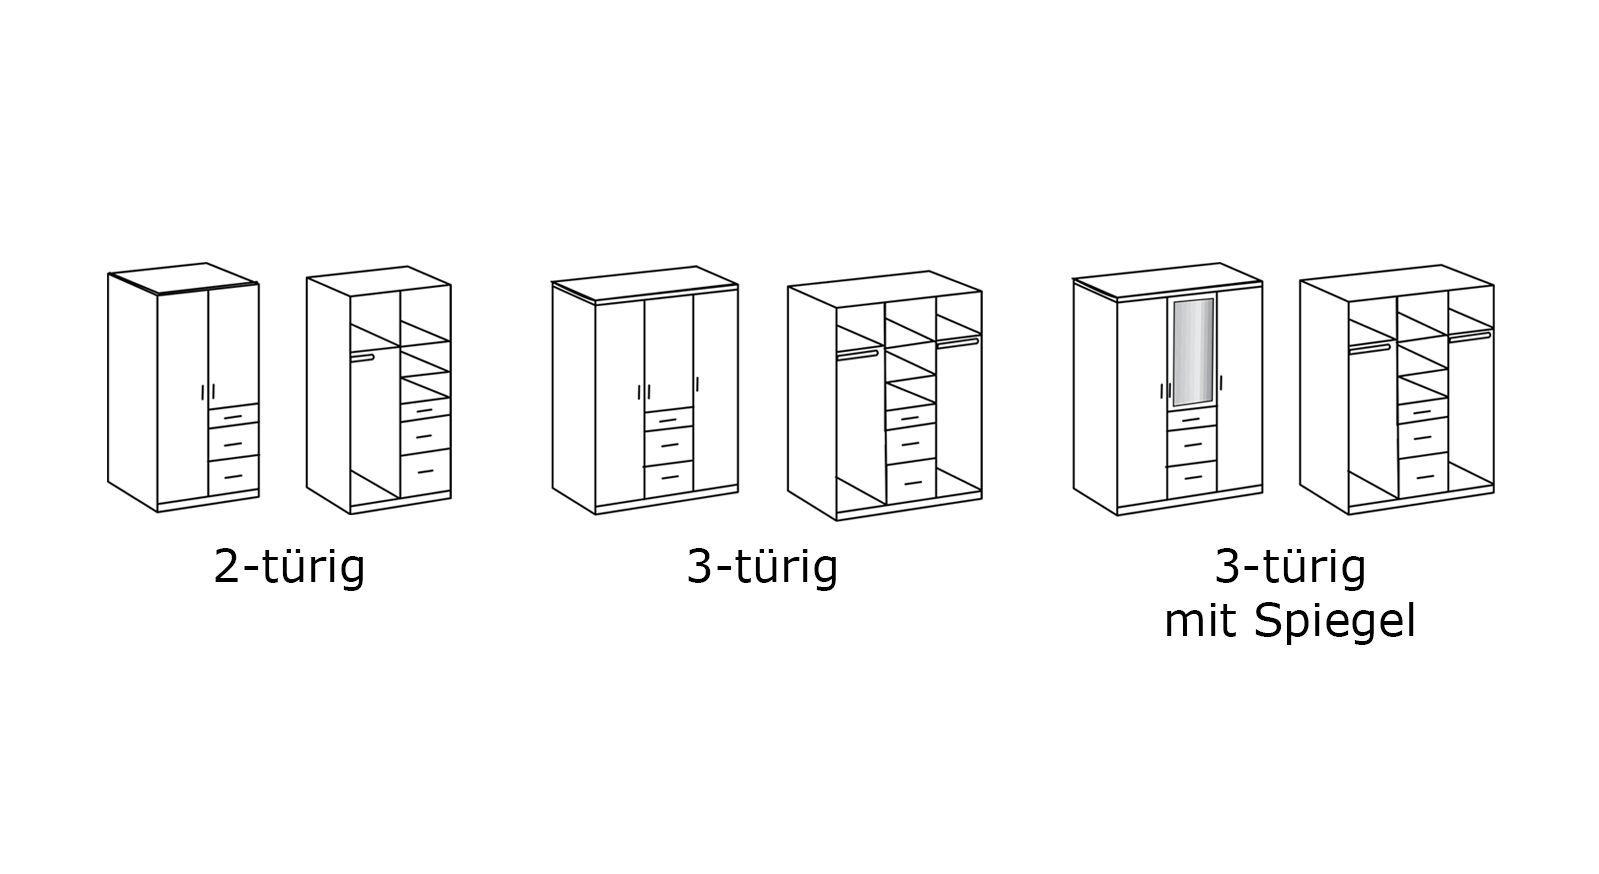 Grafik zu den Varianten von Kleiderschrank Porvenir